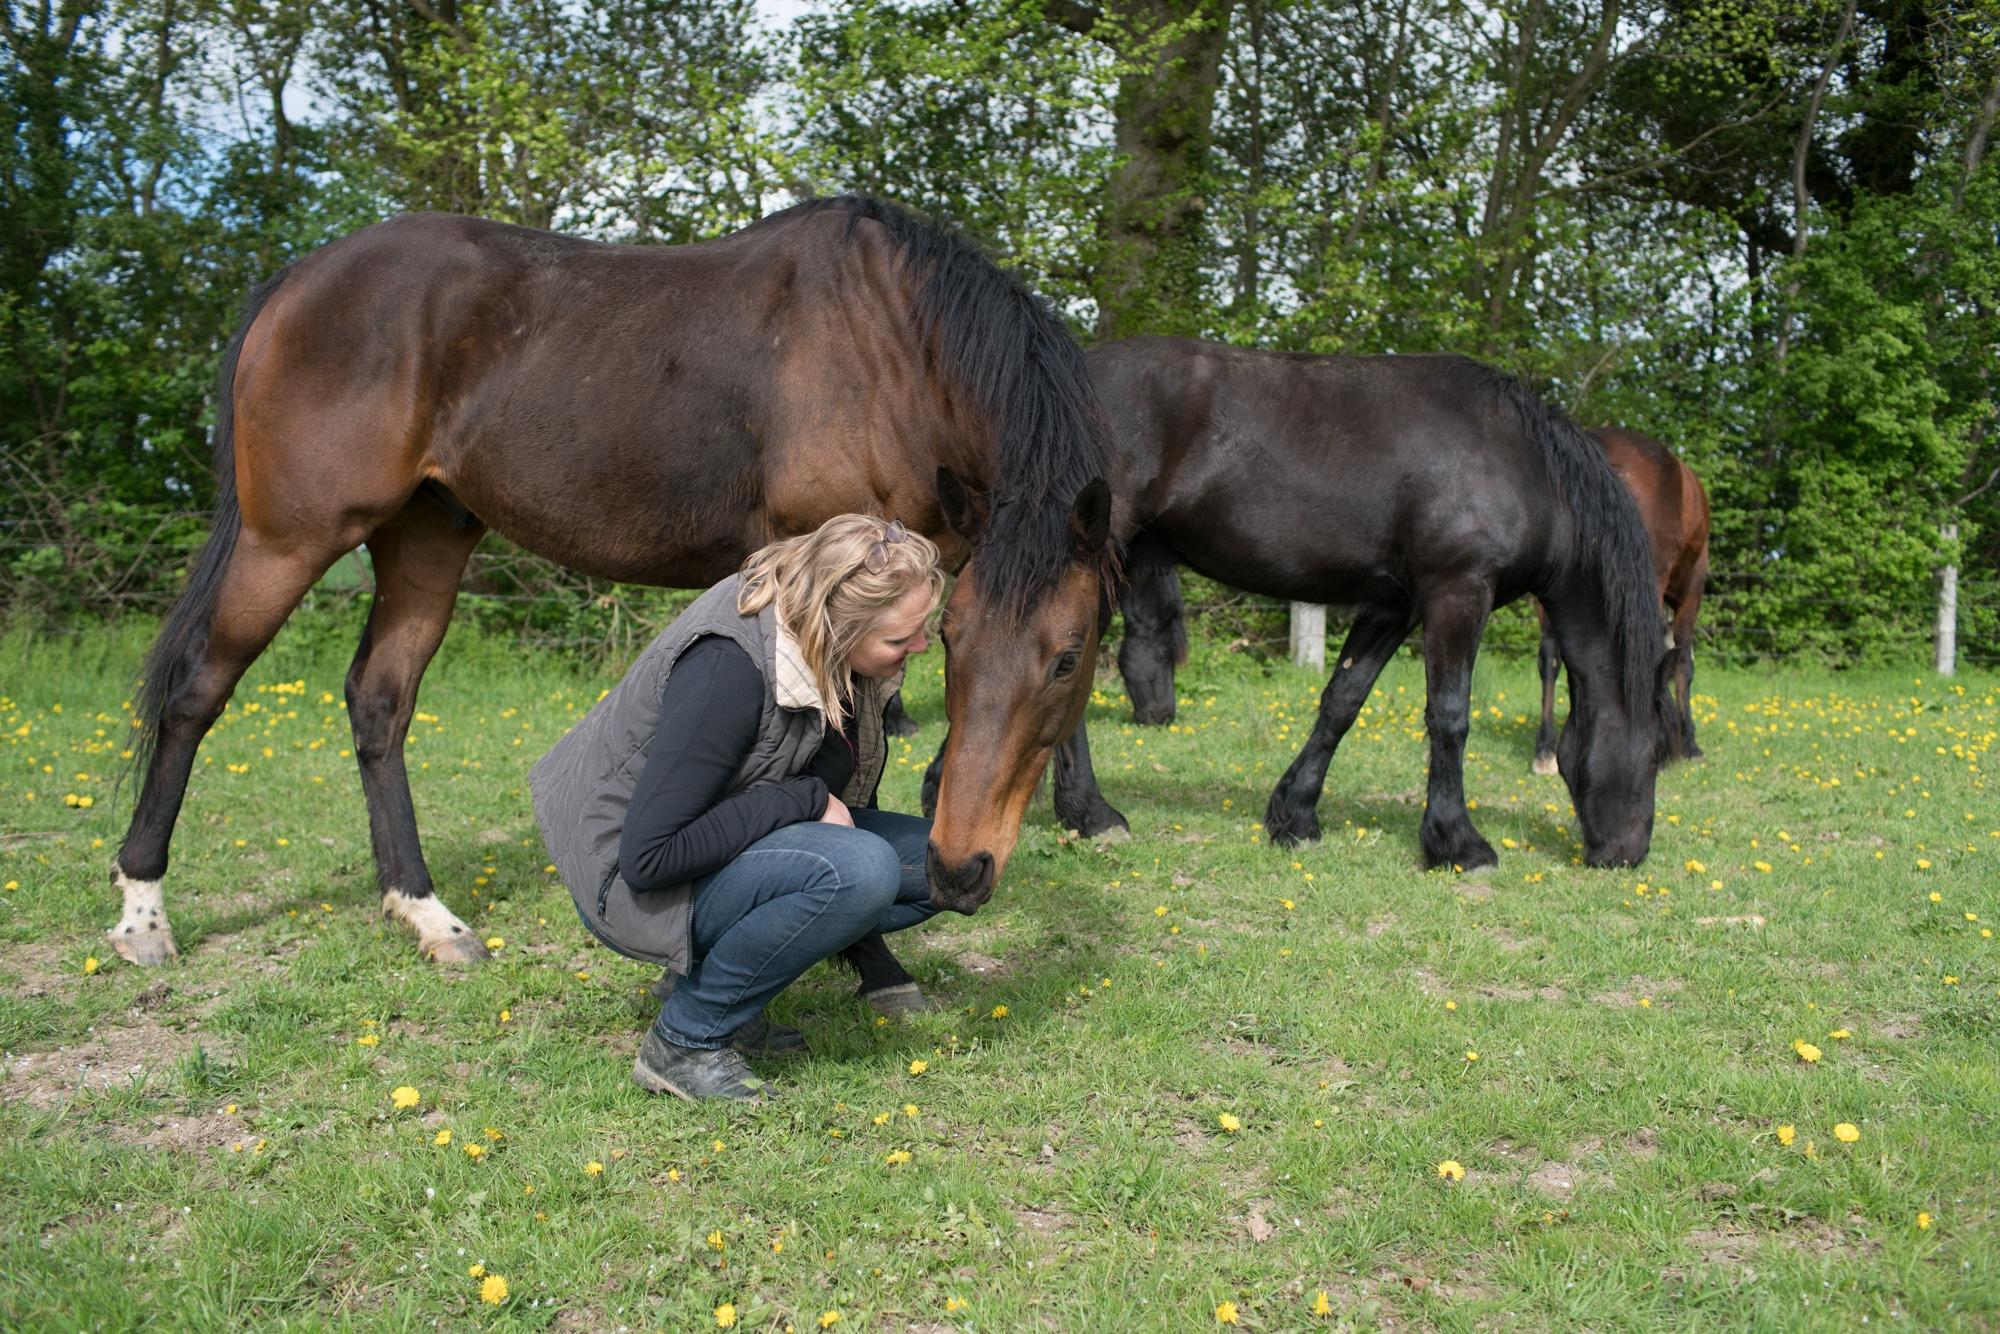 Sophie est accroupie près d'un cheval.